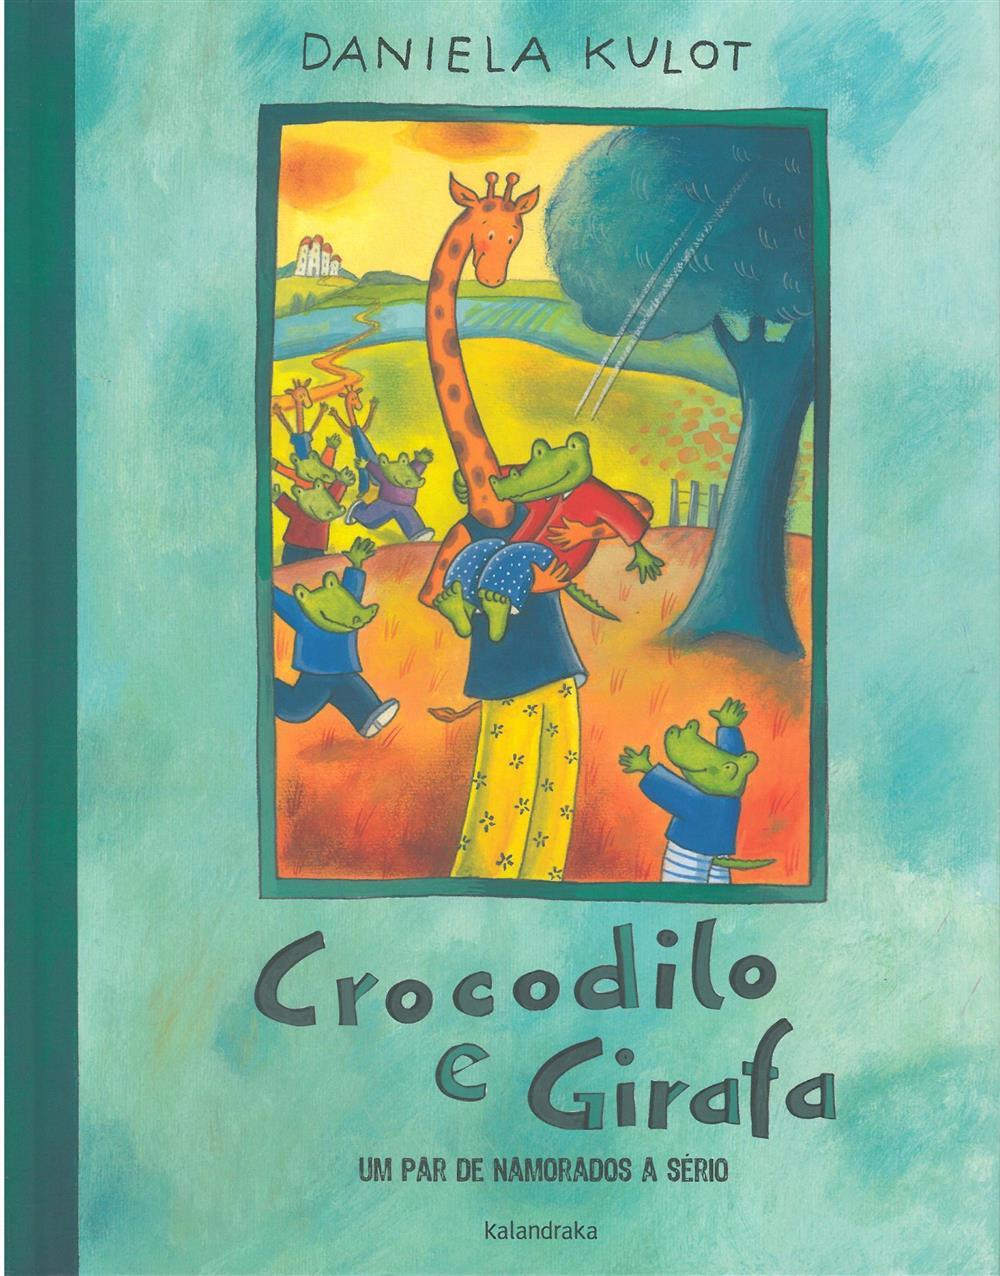 Crocodilo e girafa_.jpg